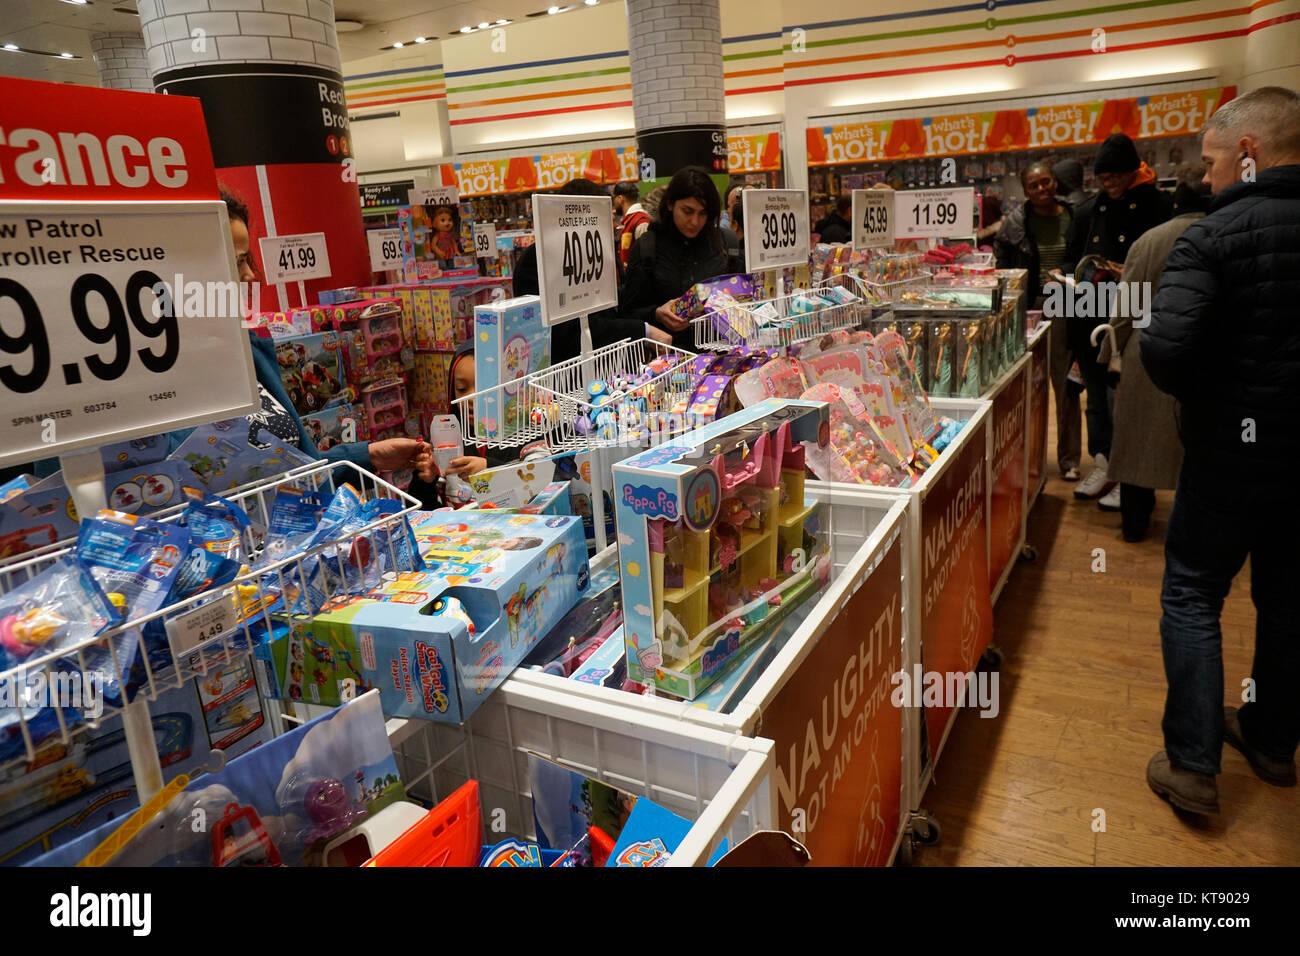 New York, USA. 22 Dez, 2017. Weihnachtskäufer Mob der Toys R Us Lage ...